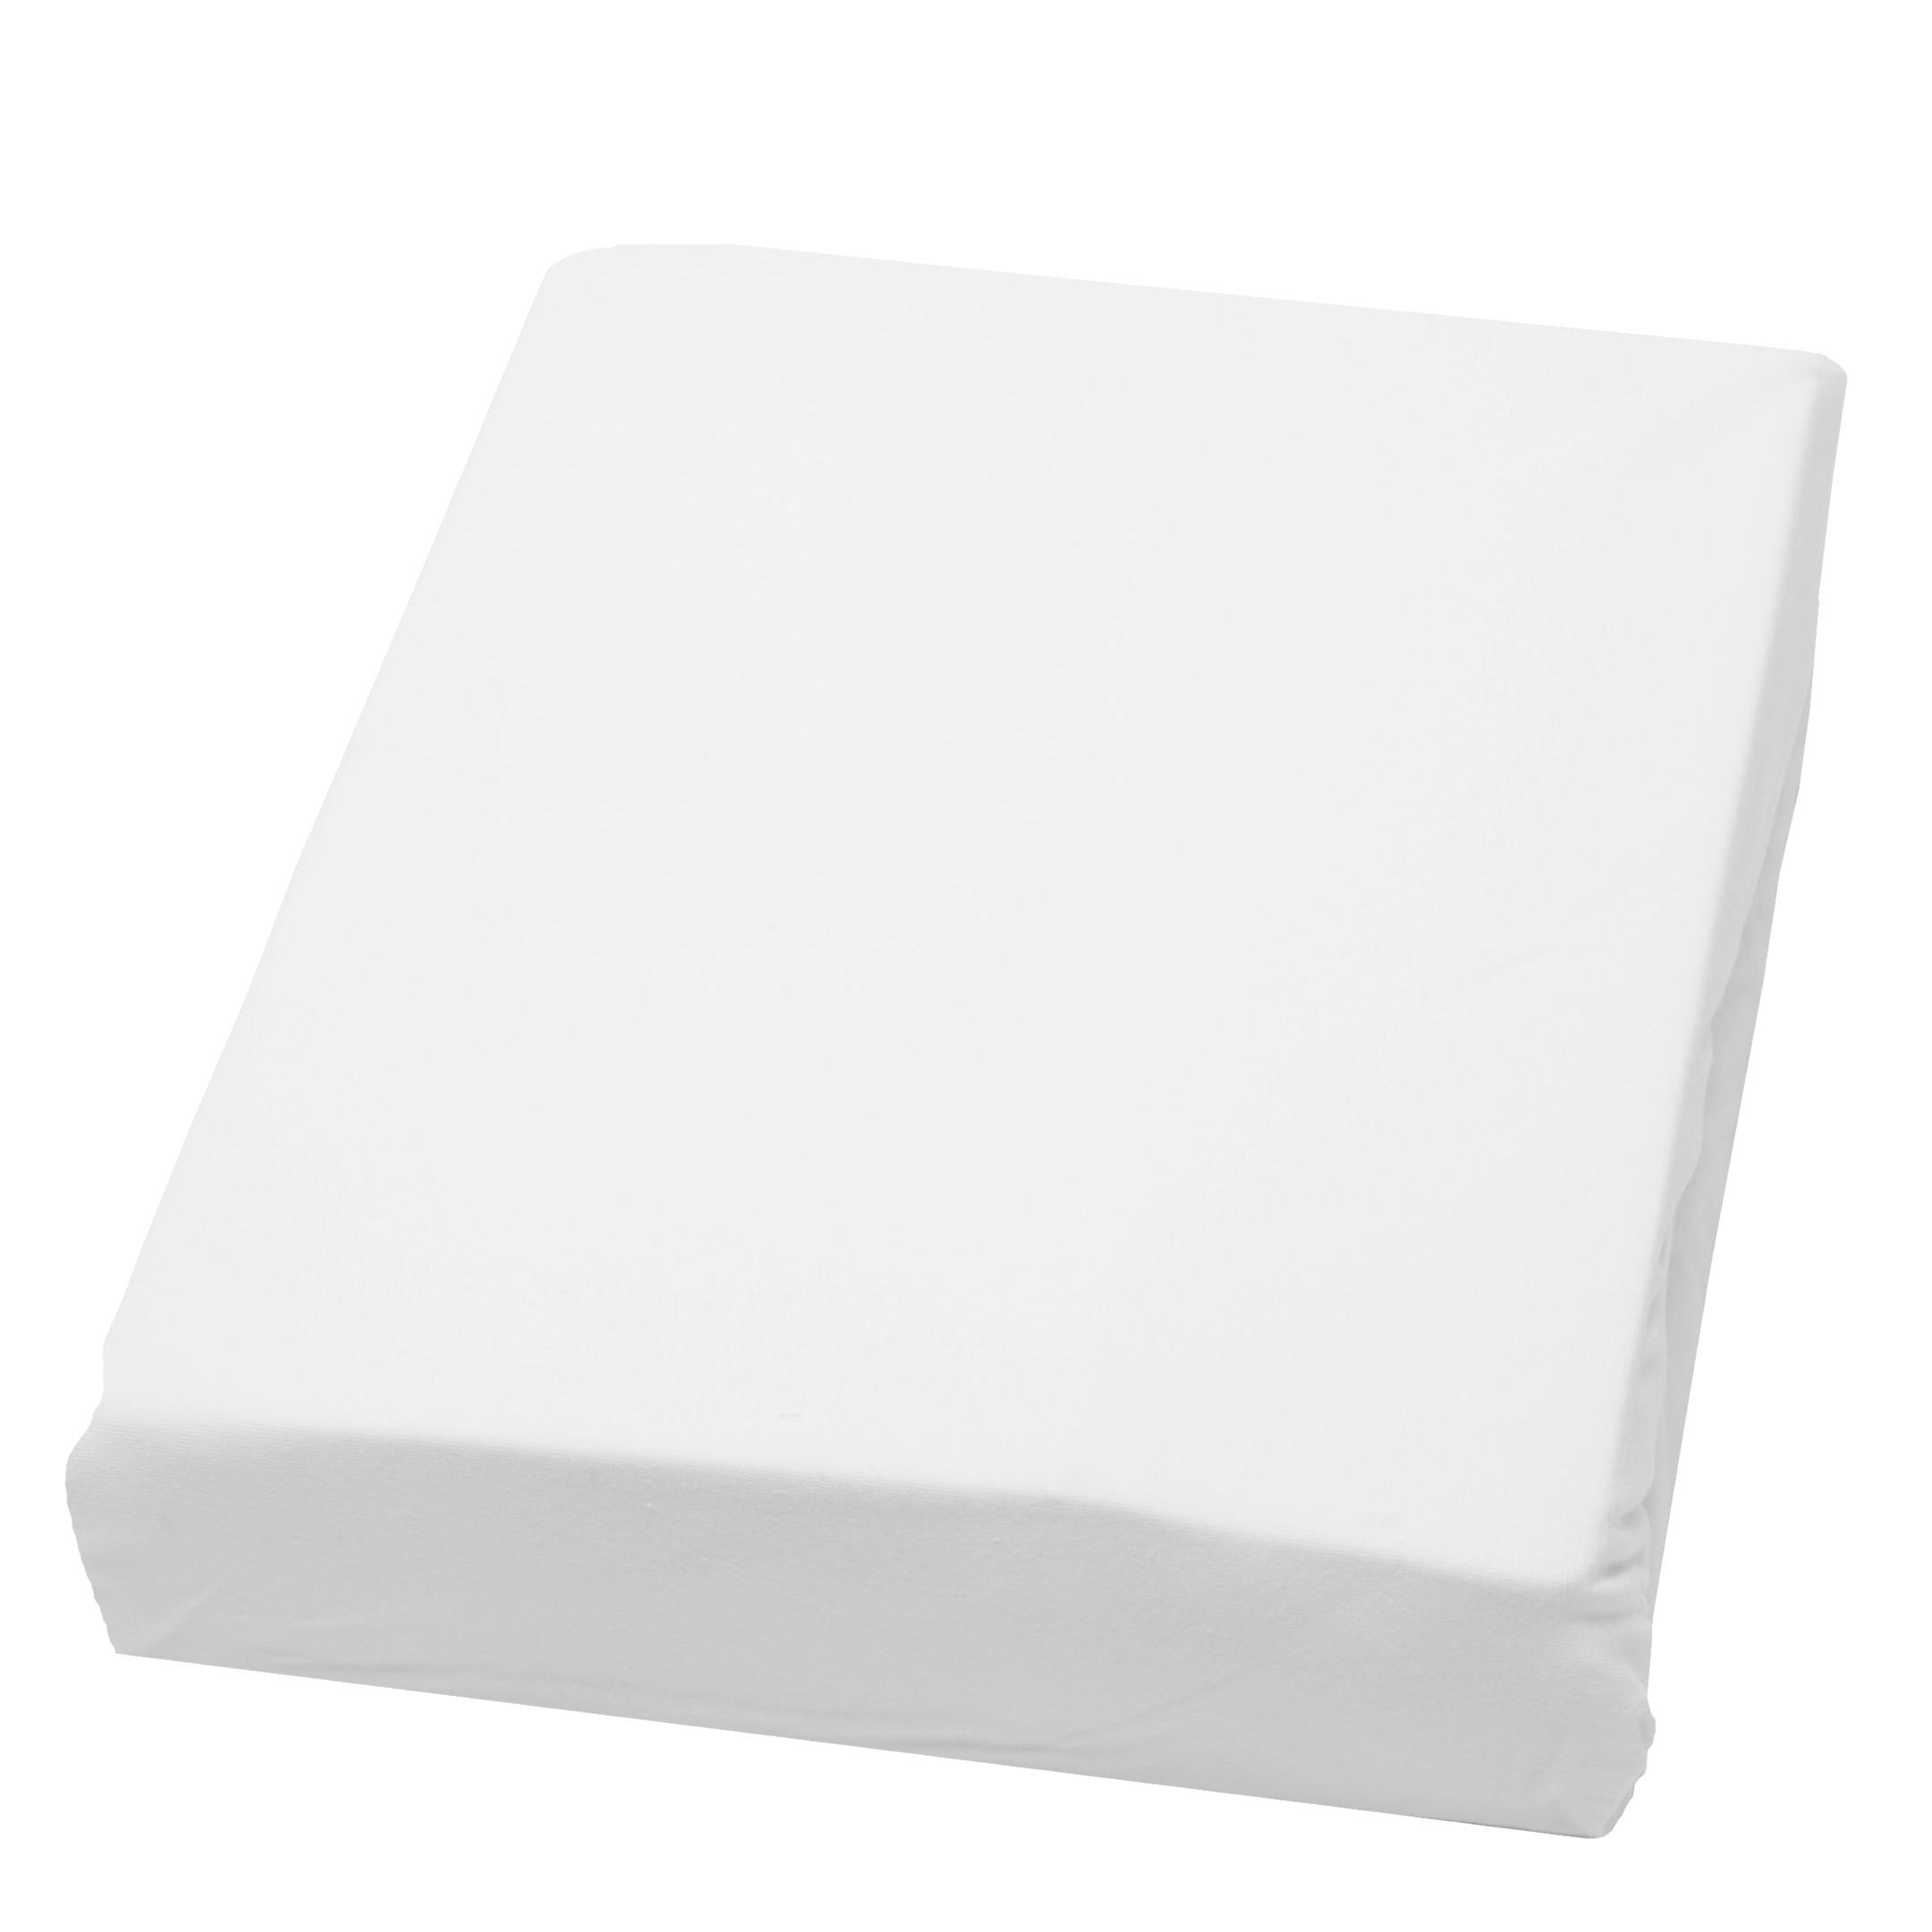 domoLine Spannbetttuch Domoline 200x200 cm (BxT) Mischgewebe Weiß Modern, domoLine